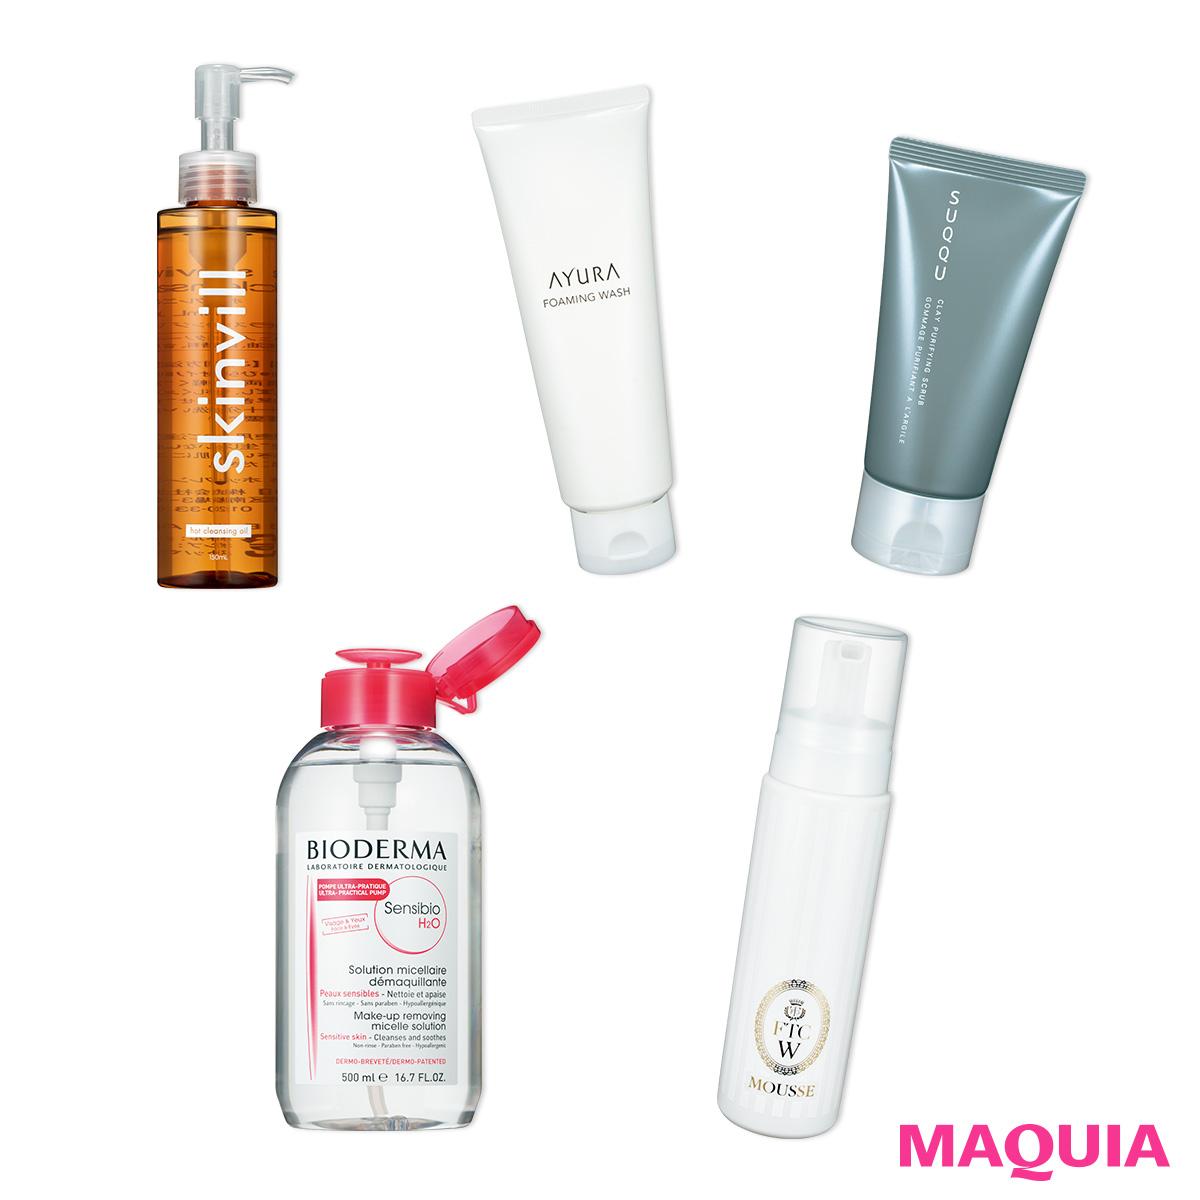 【スキンビル、アユーラ、SUQQU etc.】 夏におすすめの洗顔&クレンジングをピックアップ